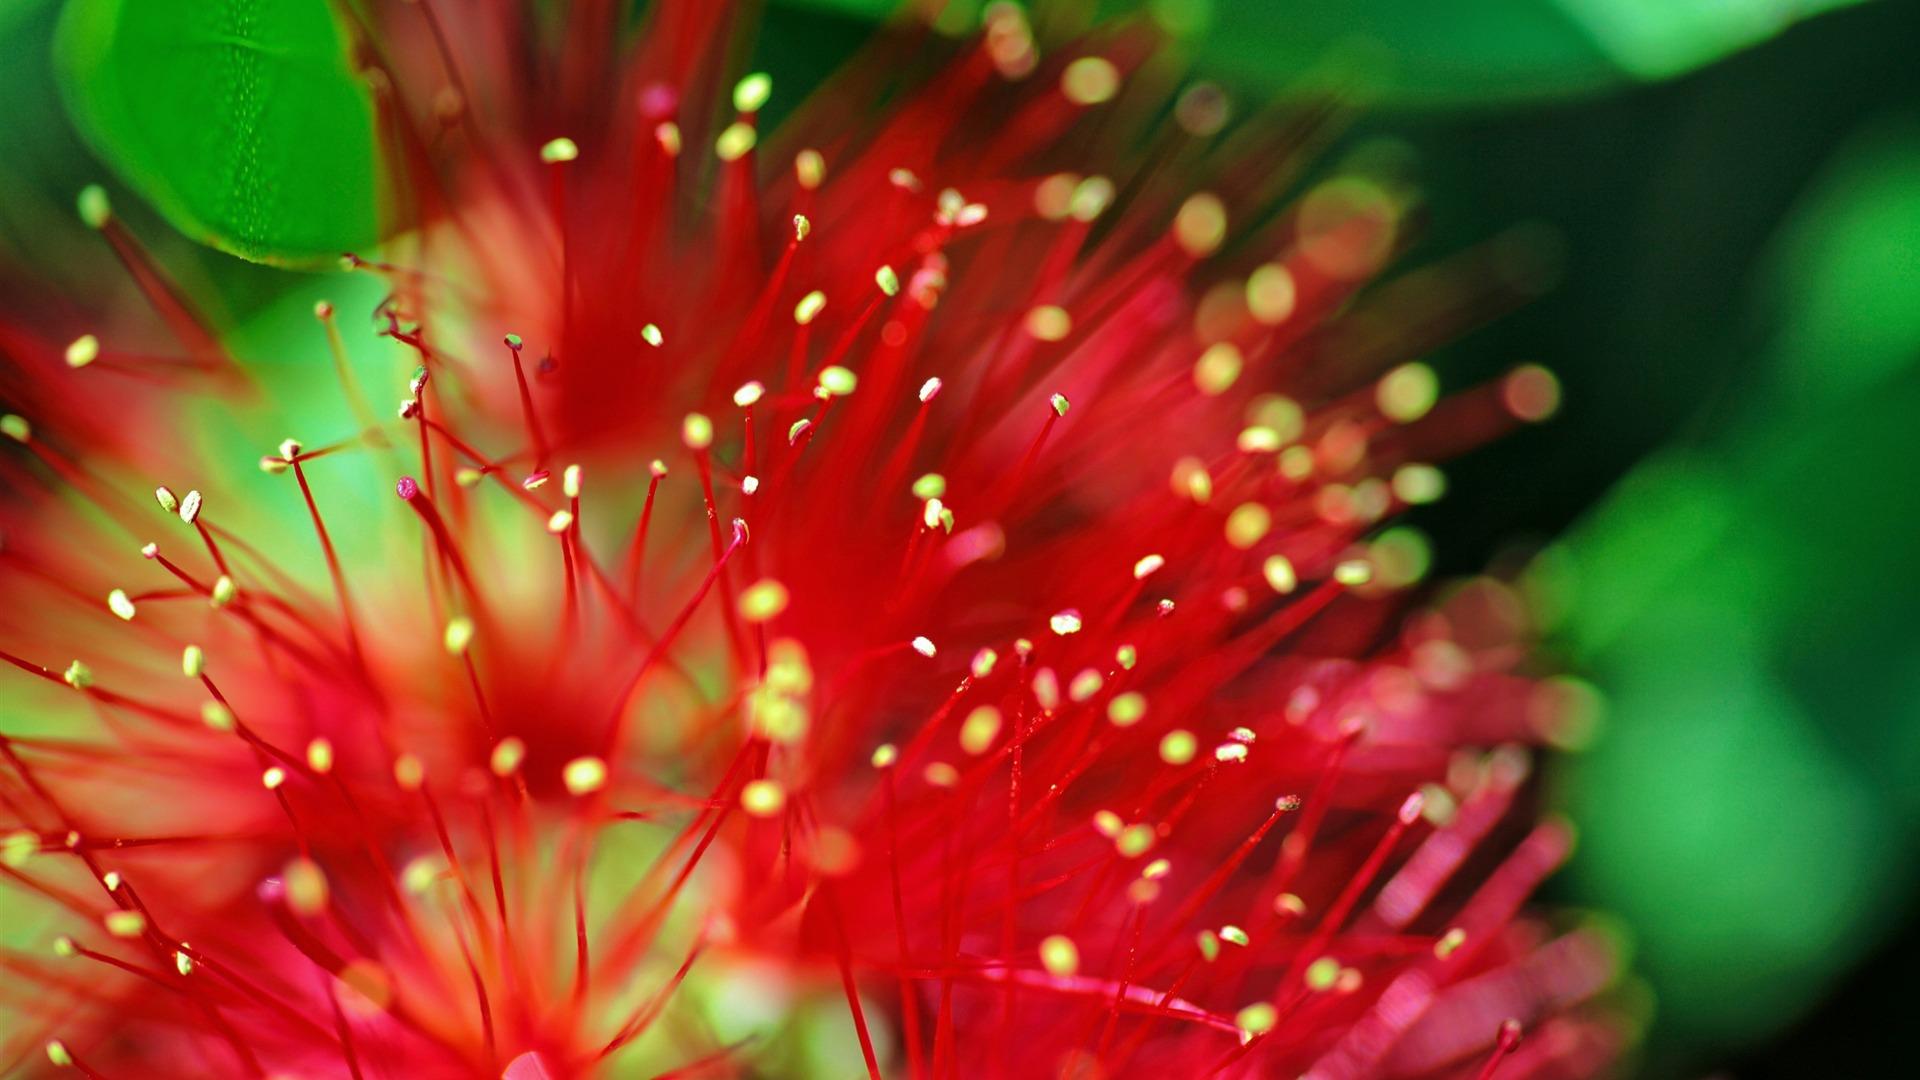 Hình nền đóa hoa Bỉ Ngạn